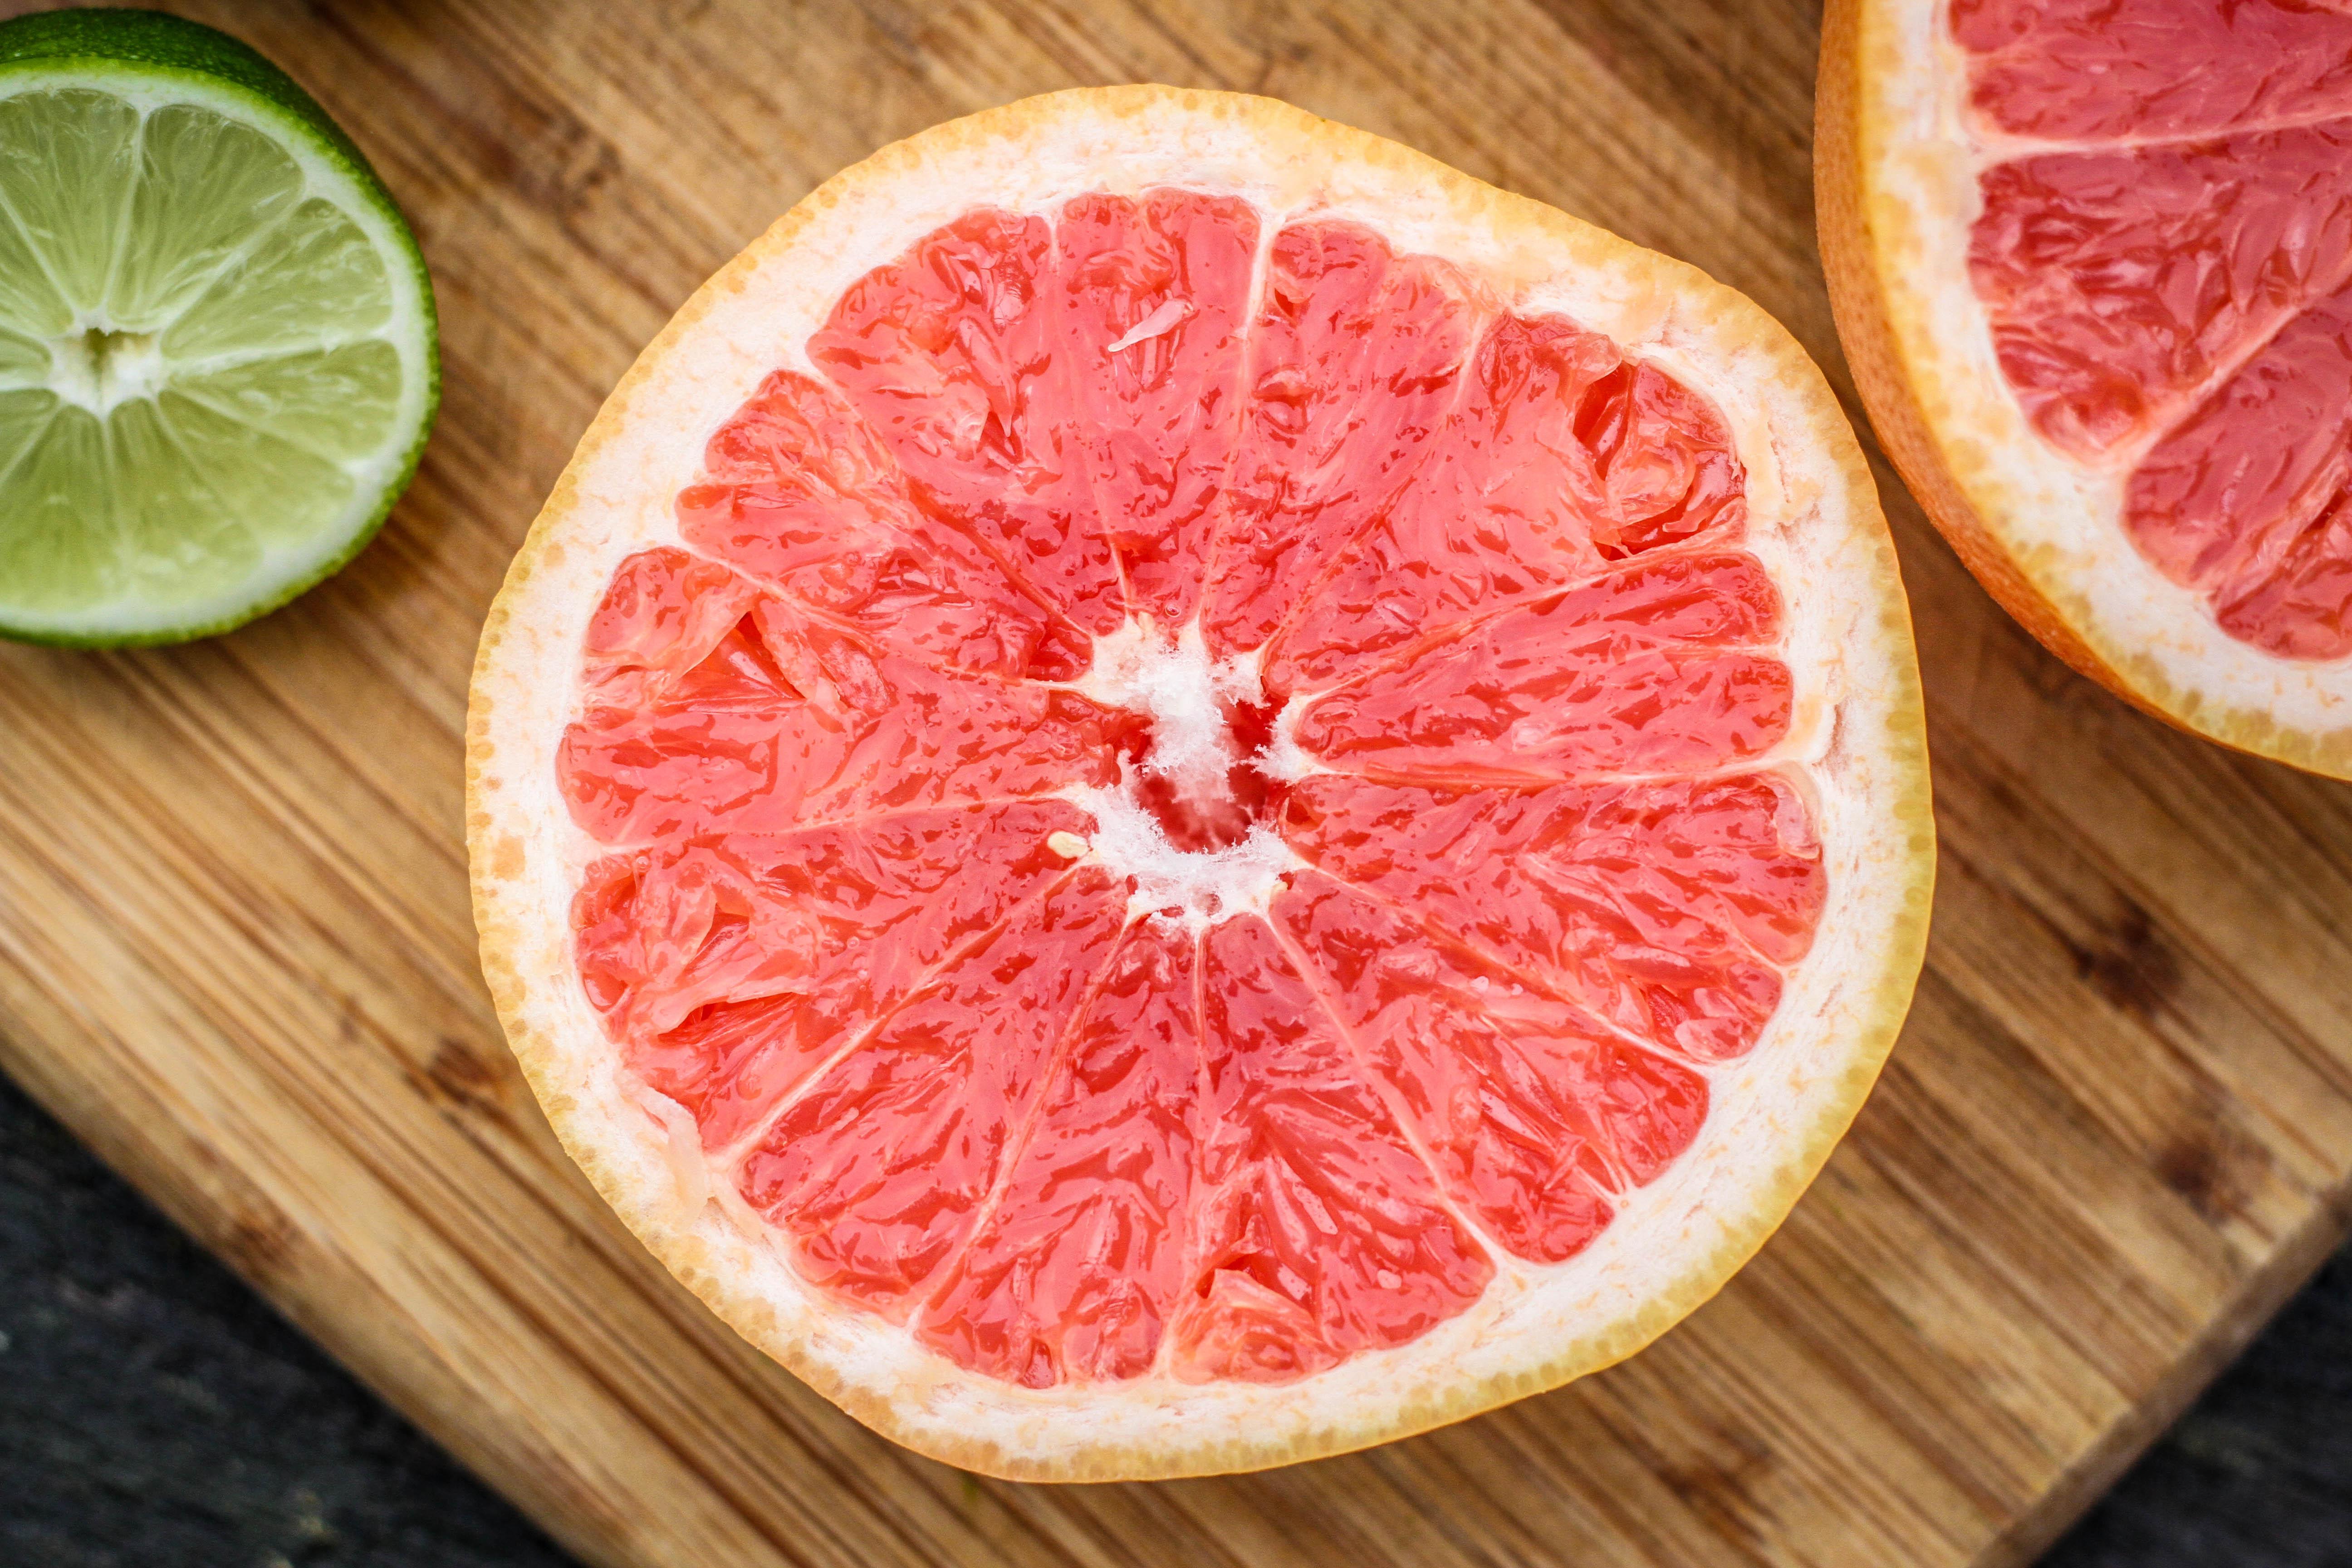 Похудеть Грейпфрут Лимон. Грейпфрут для похудения: способы употребления, эффект, рецепты